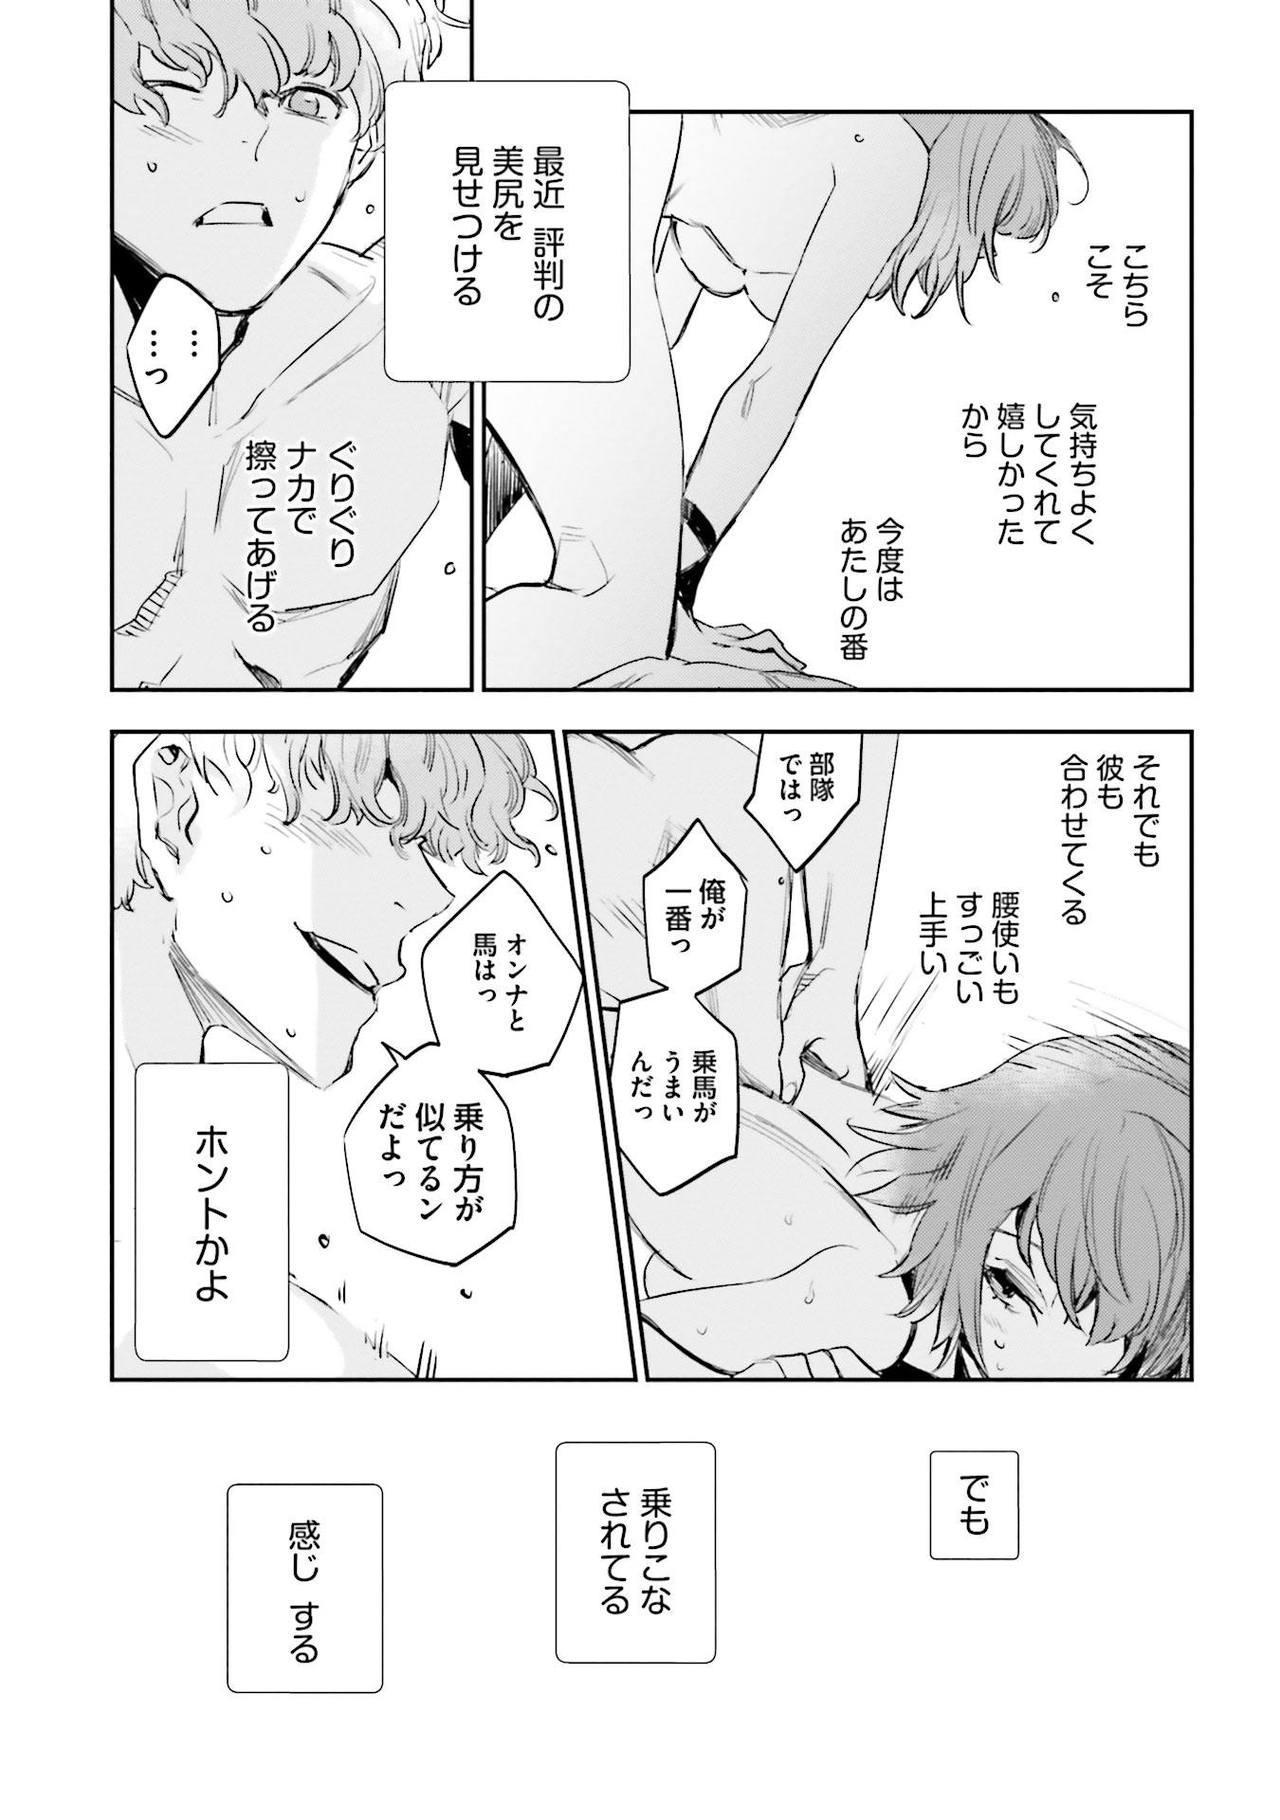 JK Haru wa Isekai de Shoufu ni Natta 1-14 494